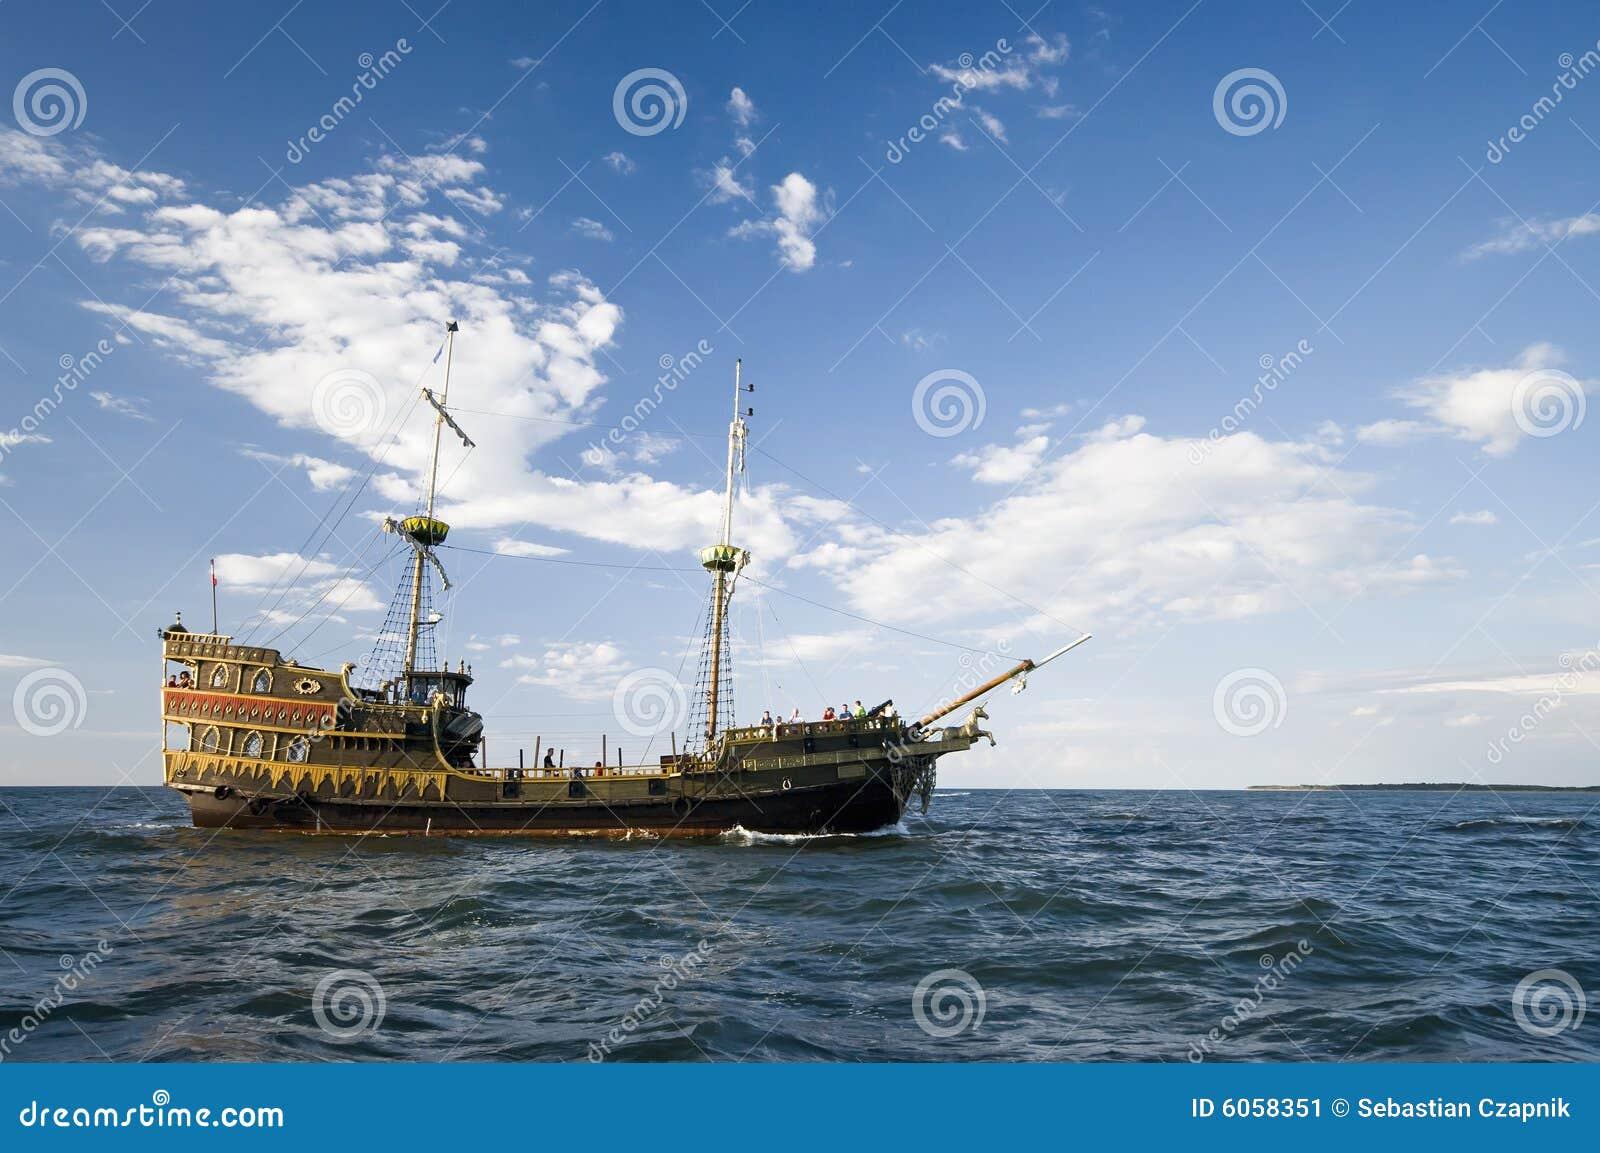 Download Viking ship at sea stock image. Image of darlowko, clear - 6058351